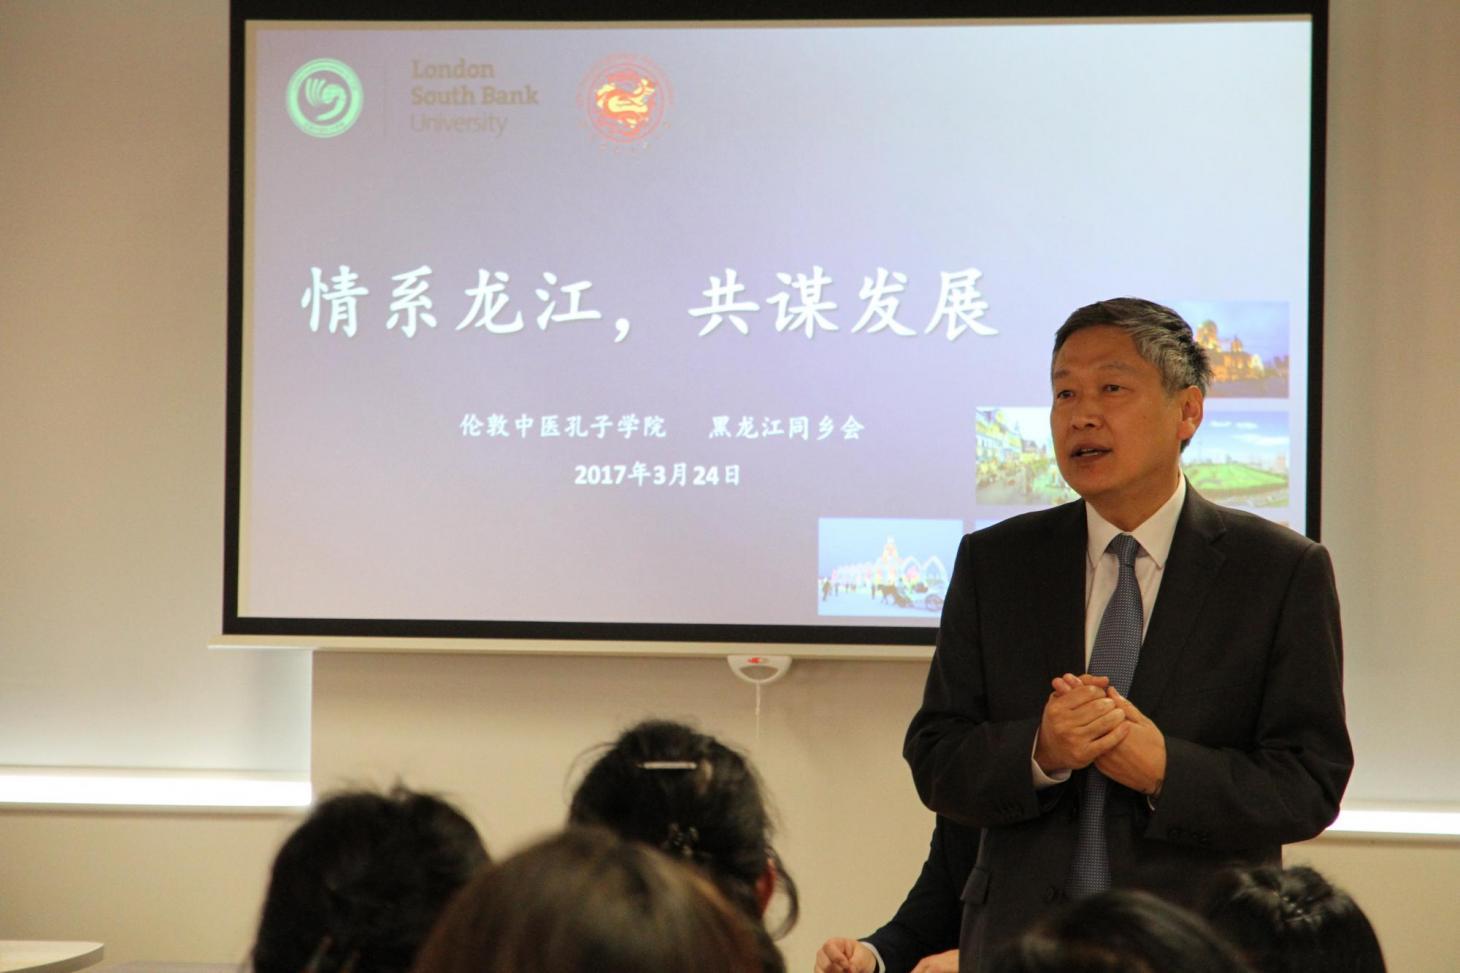 Professor Xu Yinong